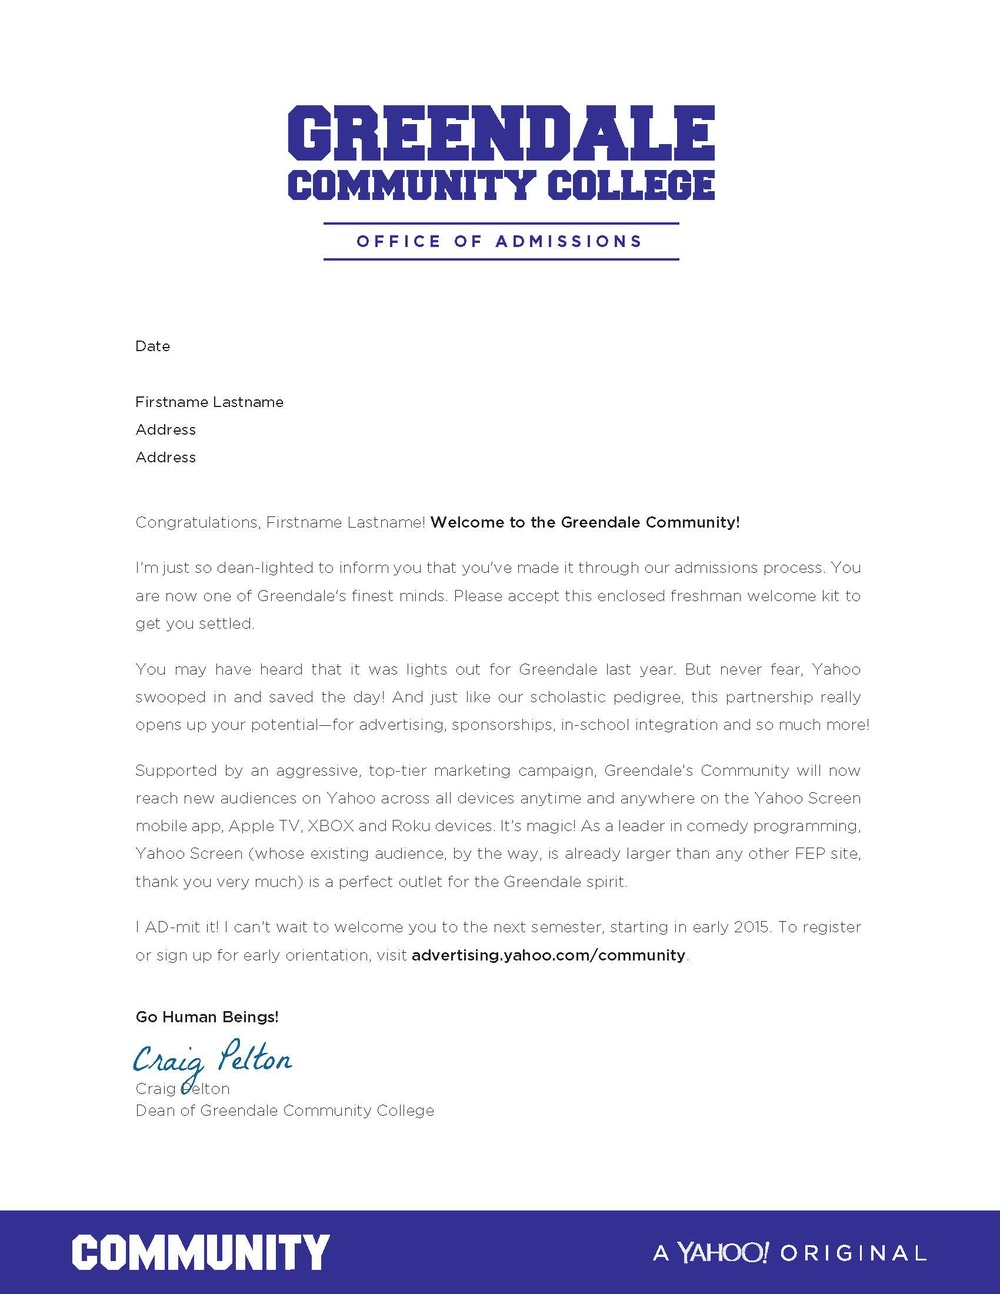 Community Acceptance Letter